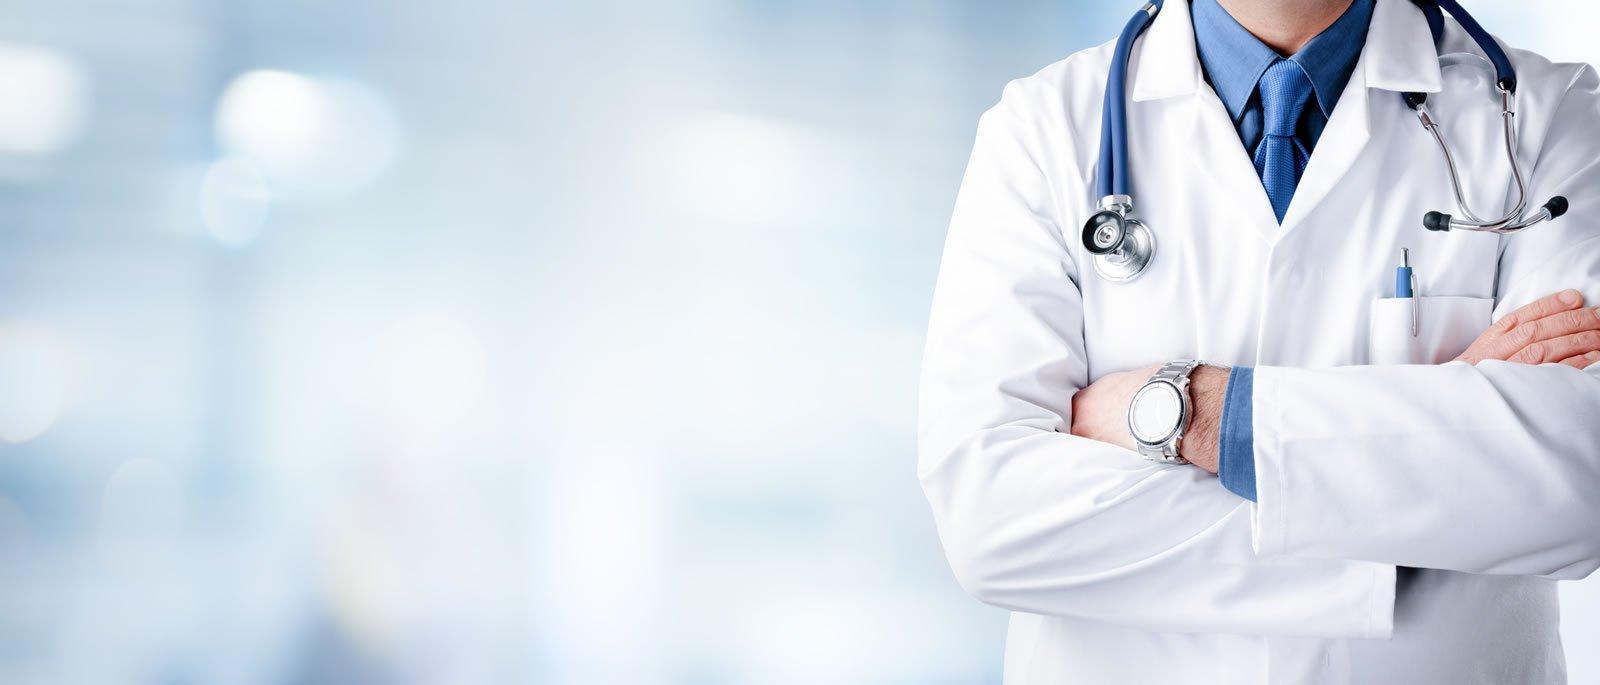 مهندس امیر مسعودی از دورهای آموزشی رشته پزشکی میگوید قسمت (۲)